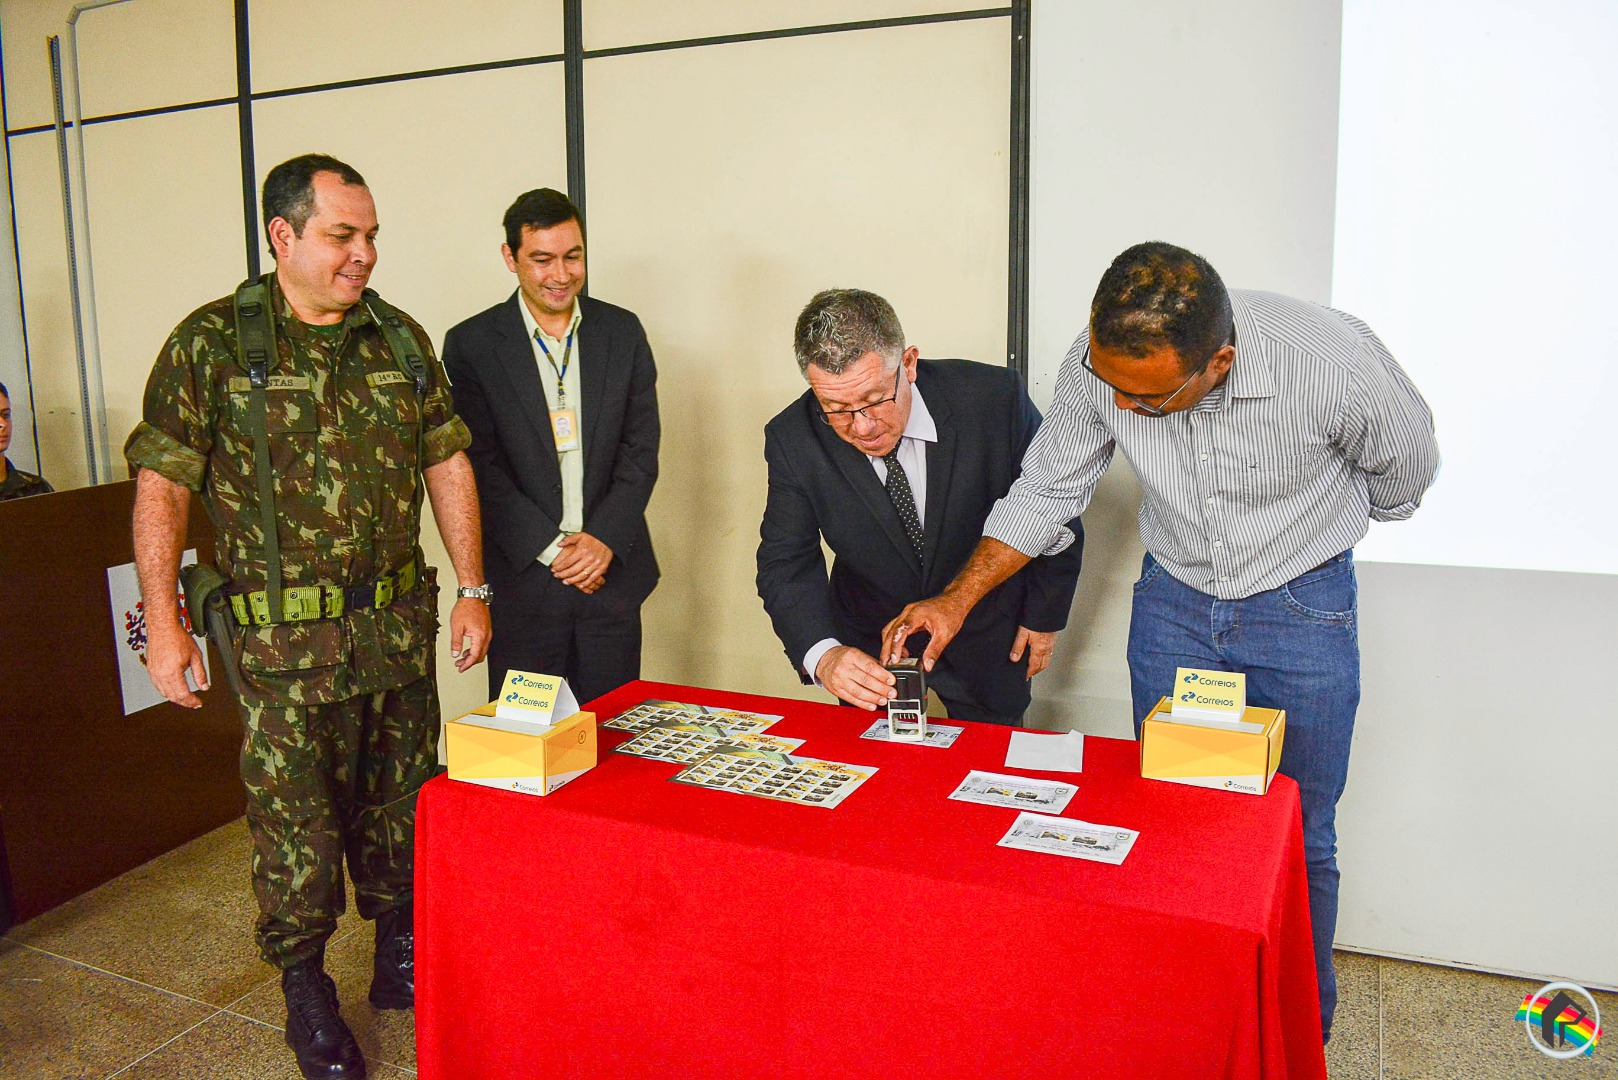 Correios lança selo alusivo aos 30 anos do 14º RCMec